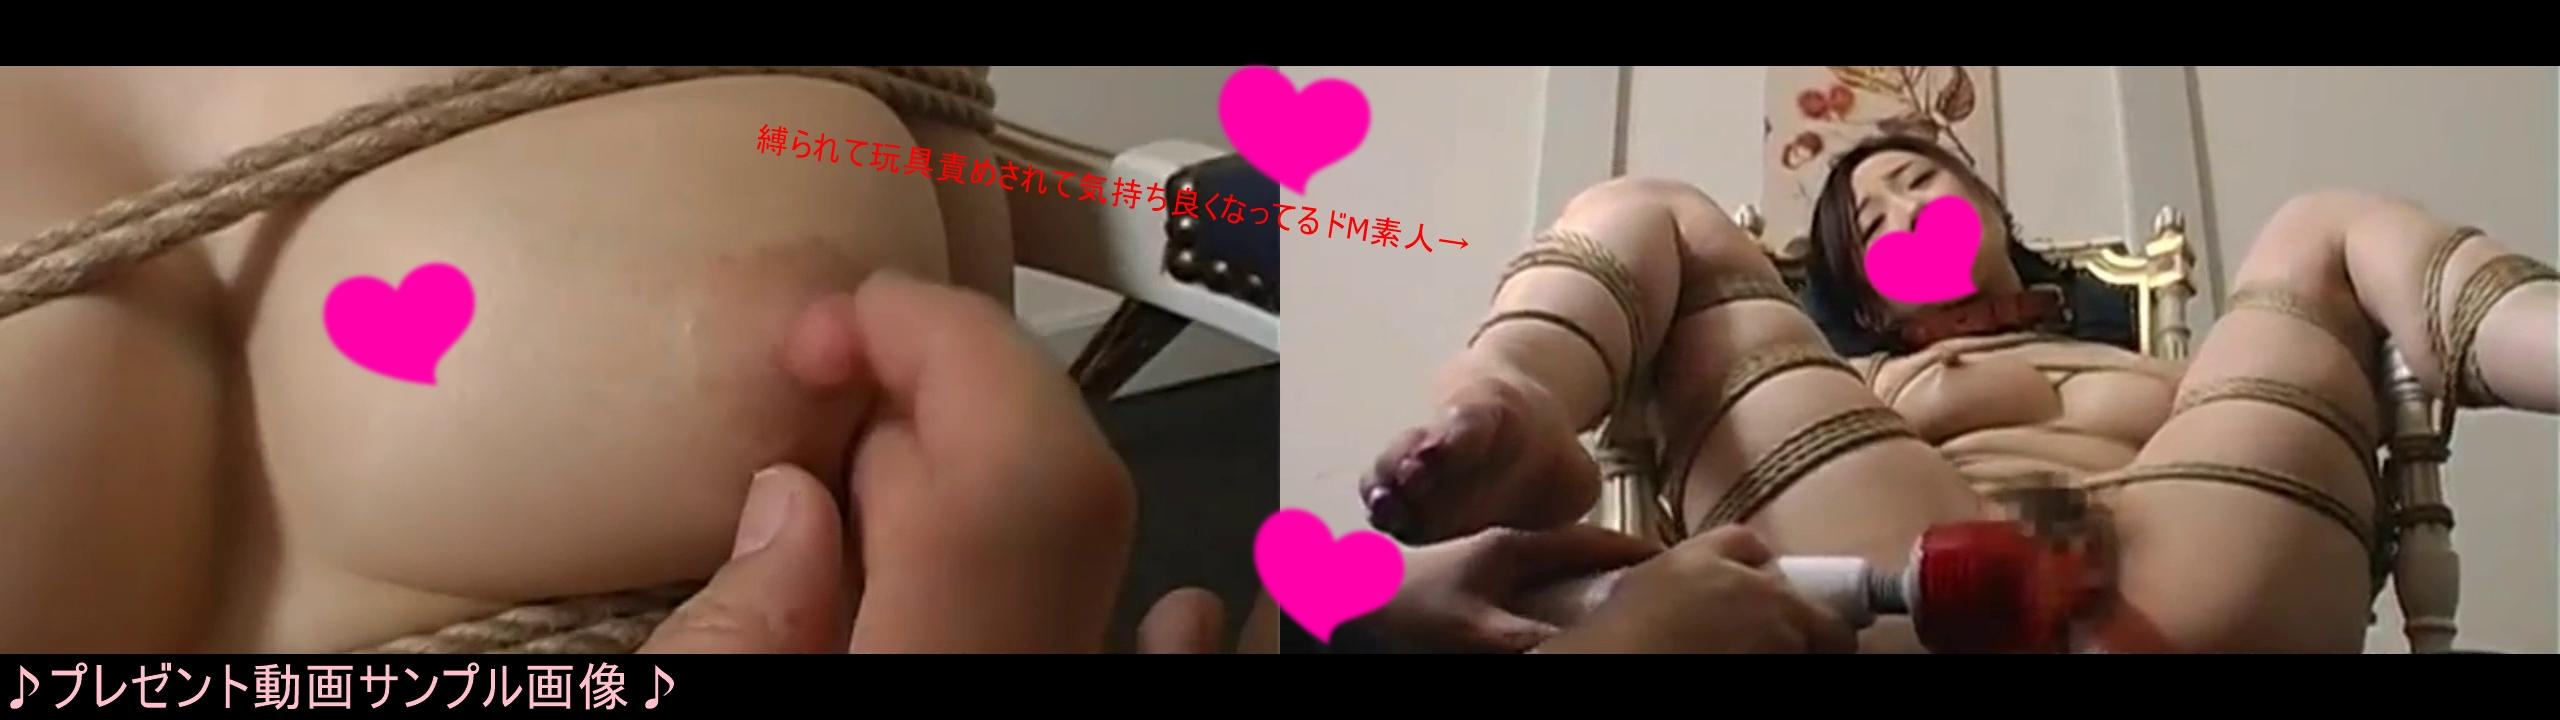 動画編集済み 素人 SM 玩具 亀甲縛り_20170720044404_0-tile.jpg